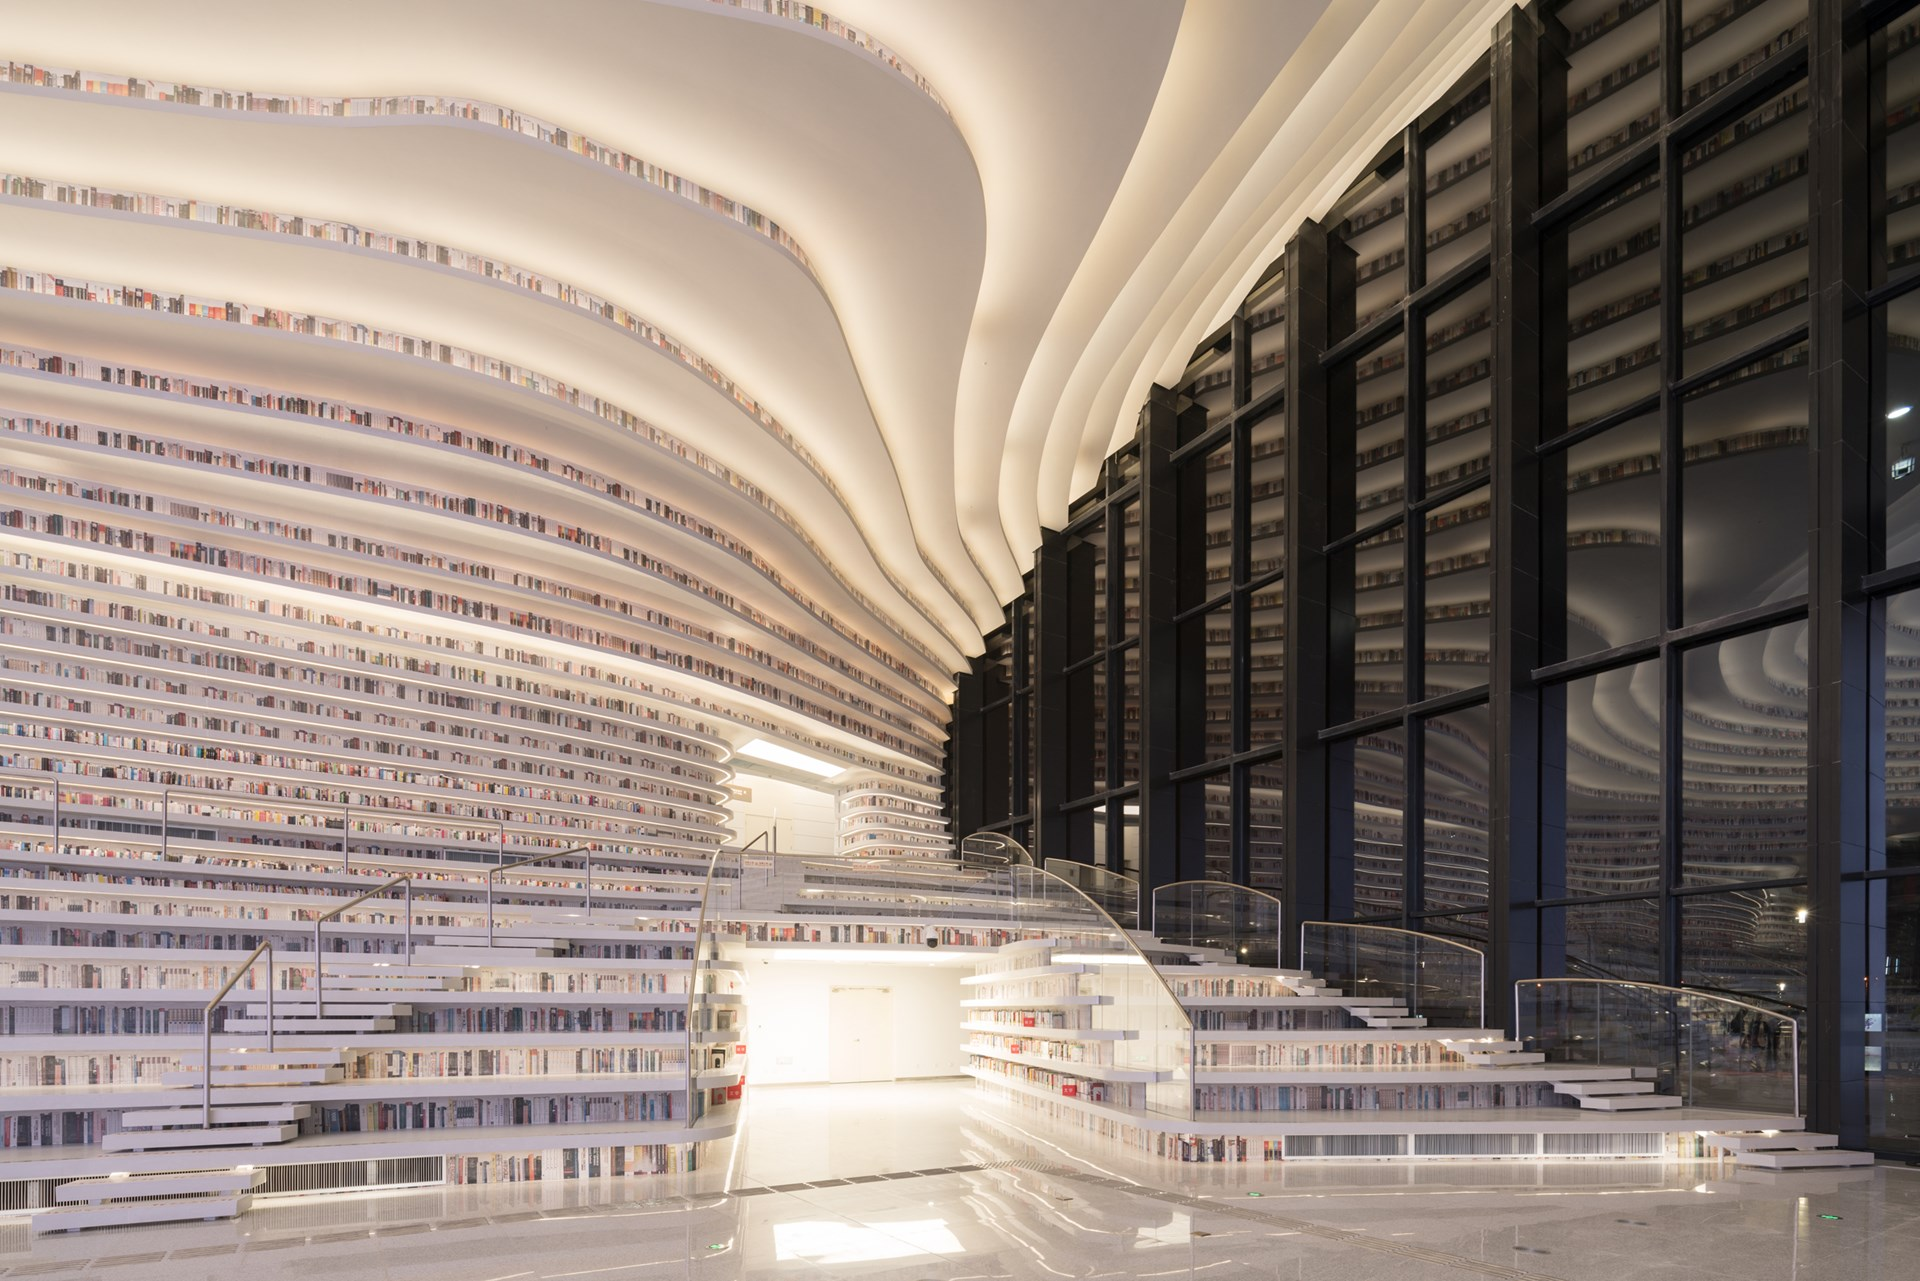 MVRDV - Tianjin Binhai Library